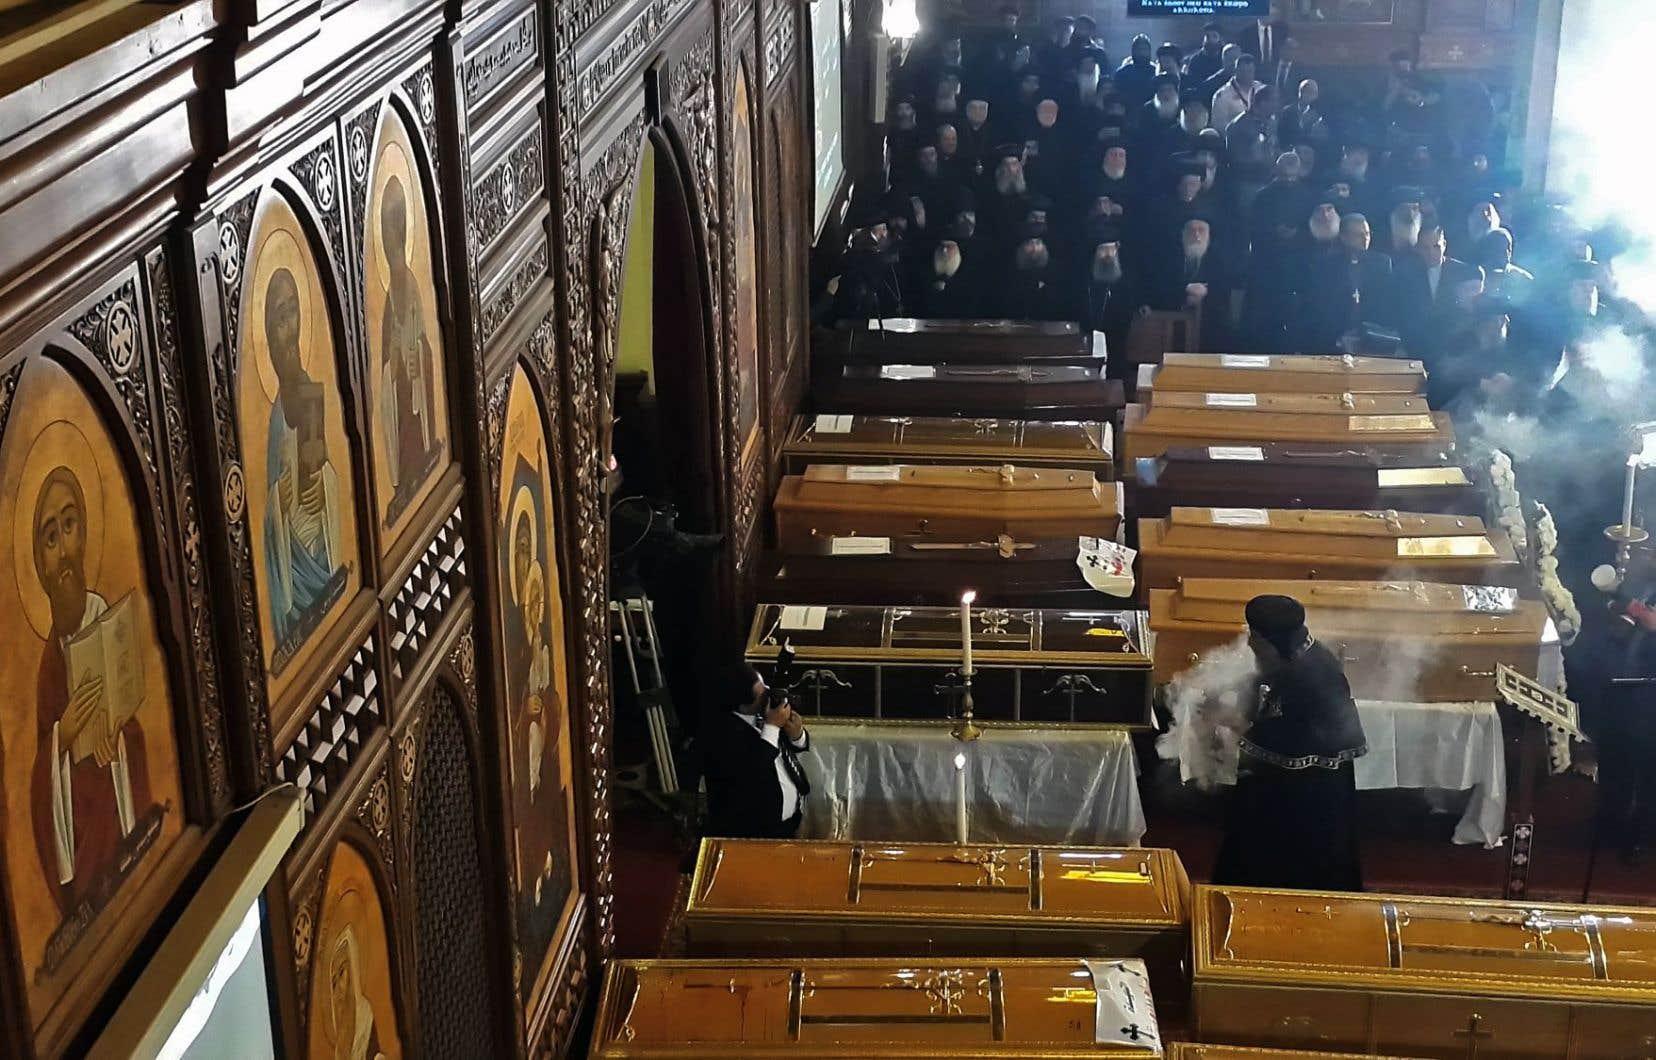 Les funérailles des victimes de l'attentat de la semaine dernière ont été célébrées avec plusieurs membres du clergé copte d'Égypte.